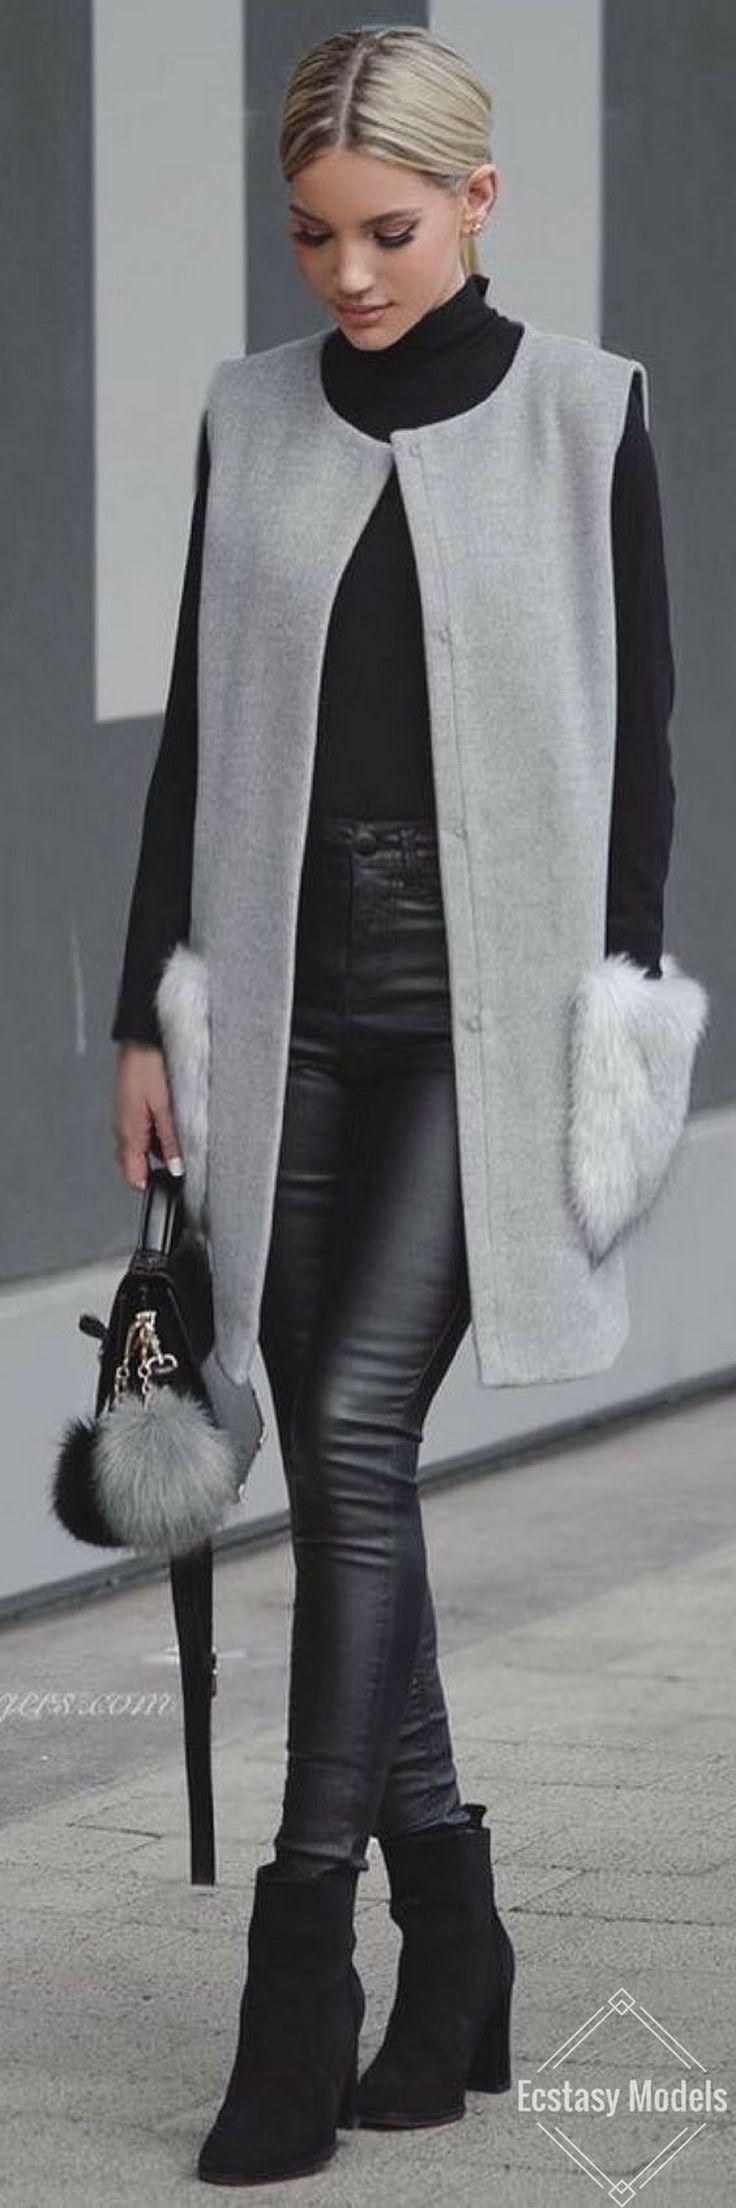 El frío del invierno poco a poco comienza a notarse y es momento de guardar la ropa de verano y desempolvar del clóset los abrigos, las bufandas, las bo... - AKANE YUKO - Google+